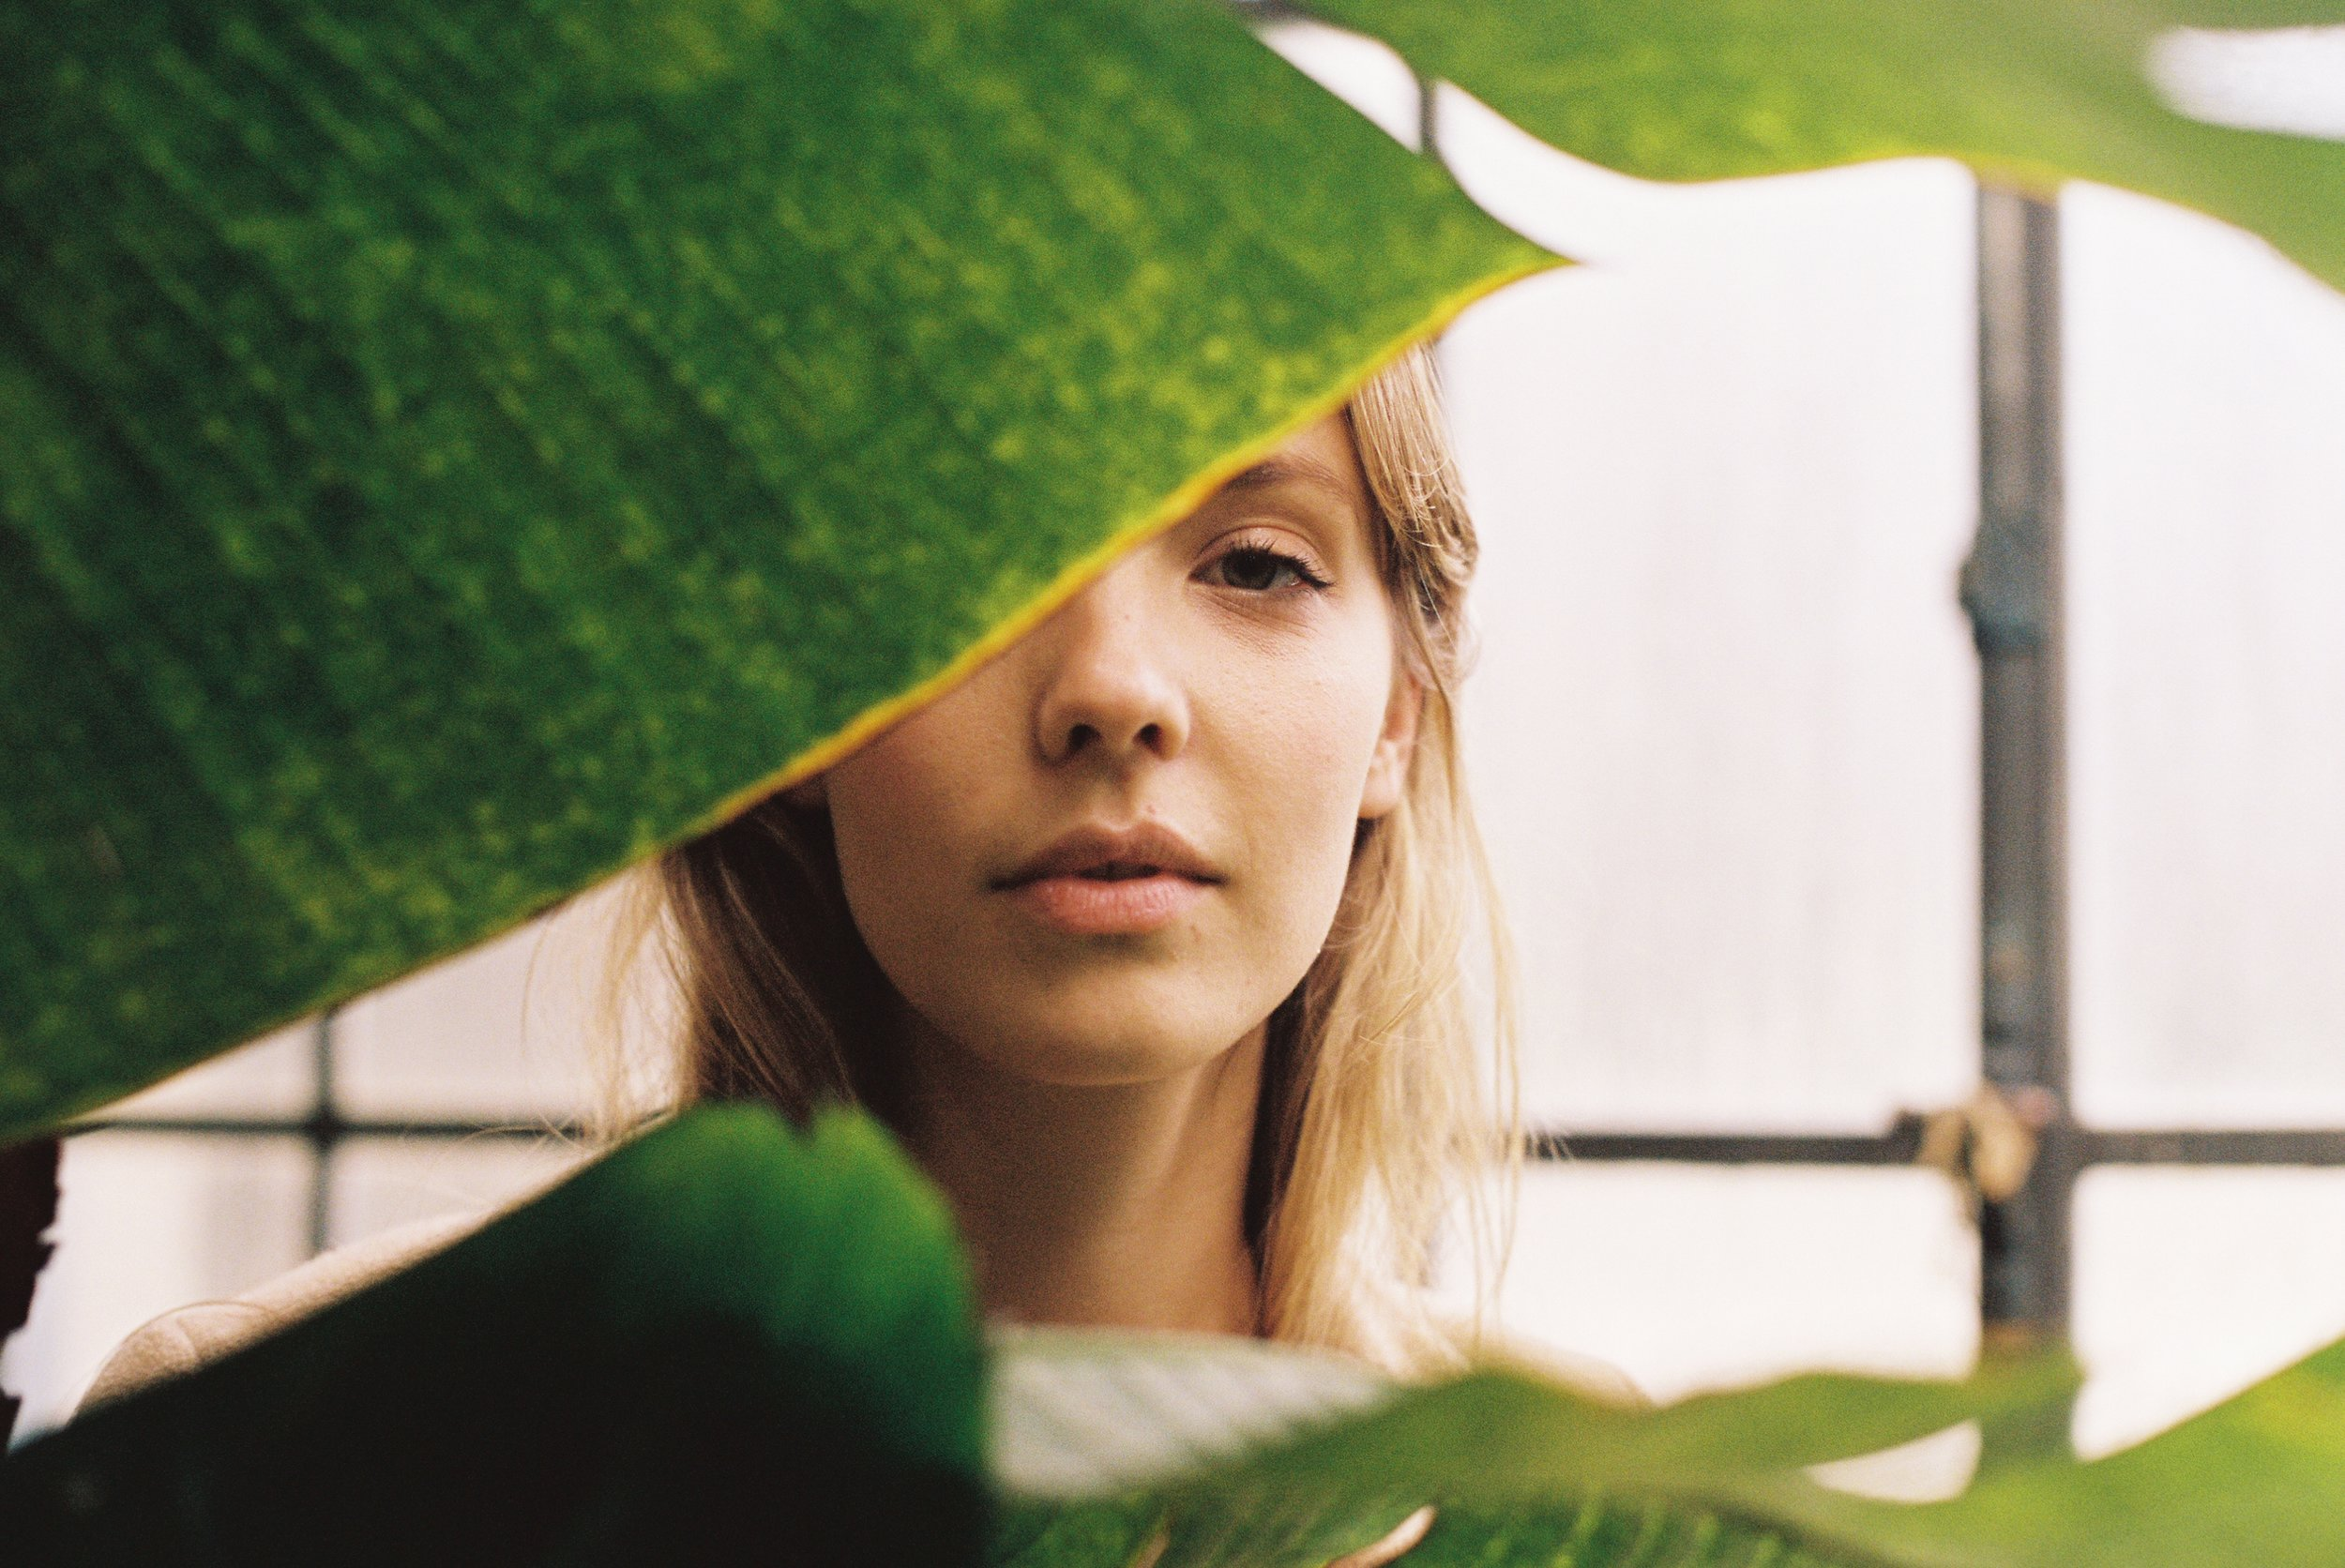 01 - The Light in the Leaves.jpg